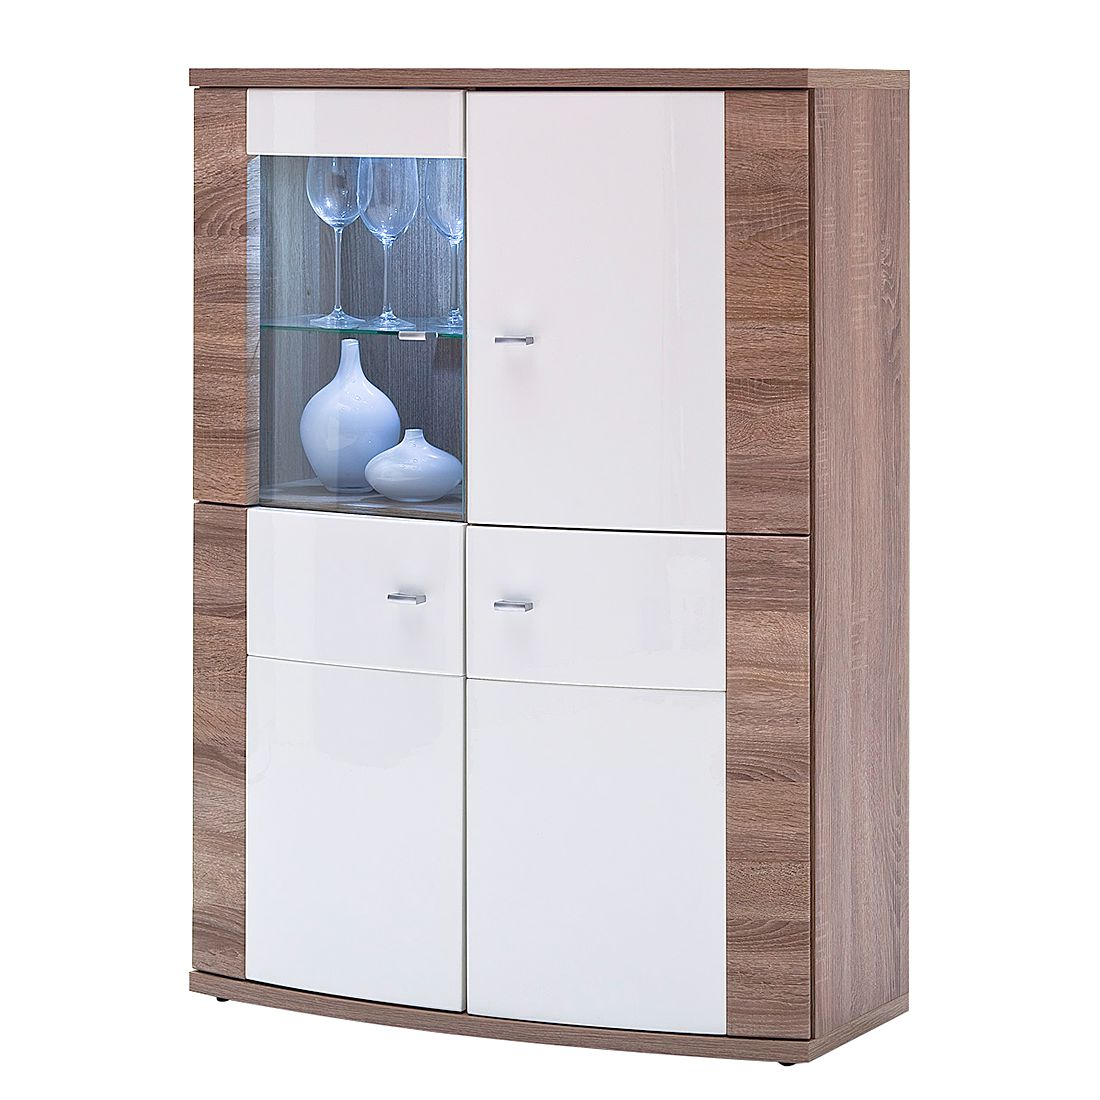 highboard sunja hochglanz wei tr ffeleiche dekor modoform g nstig schnell einkaufen. Black Bedroom Furniture Sets. Home Design Ideas